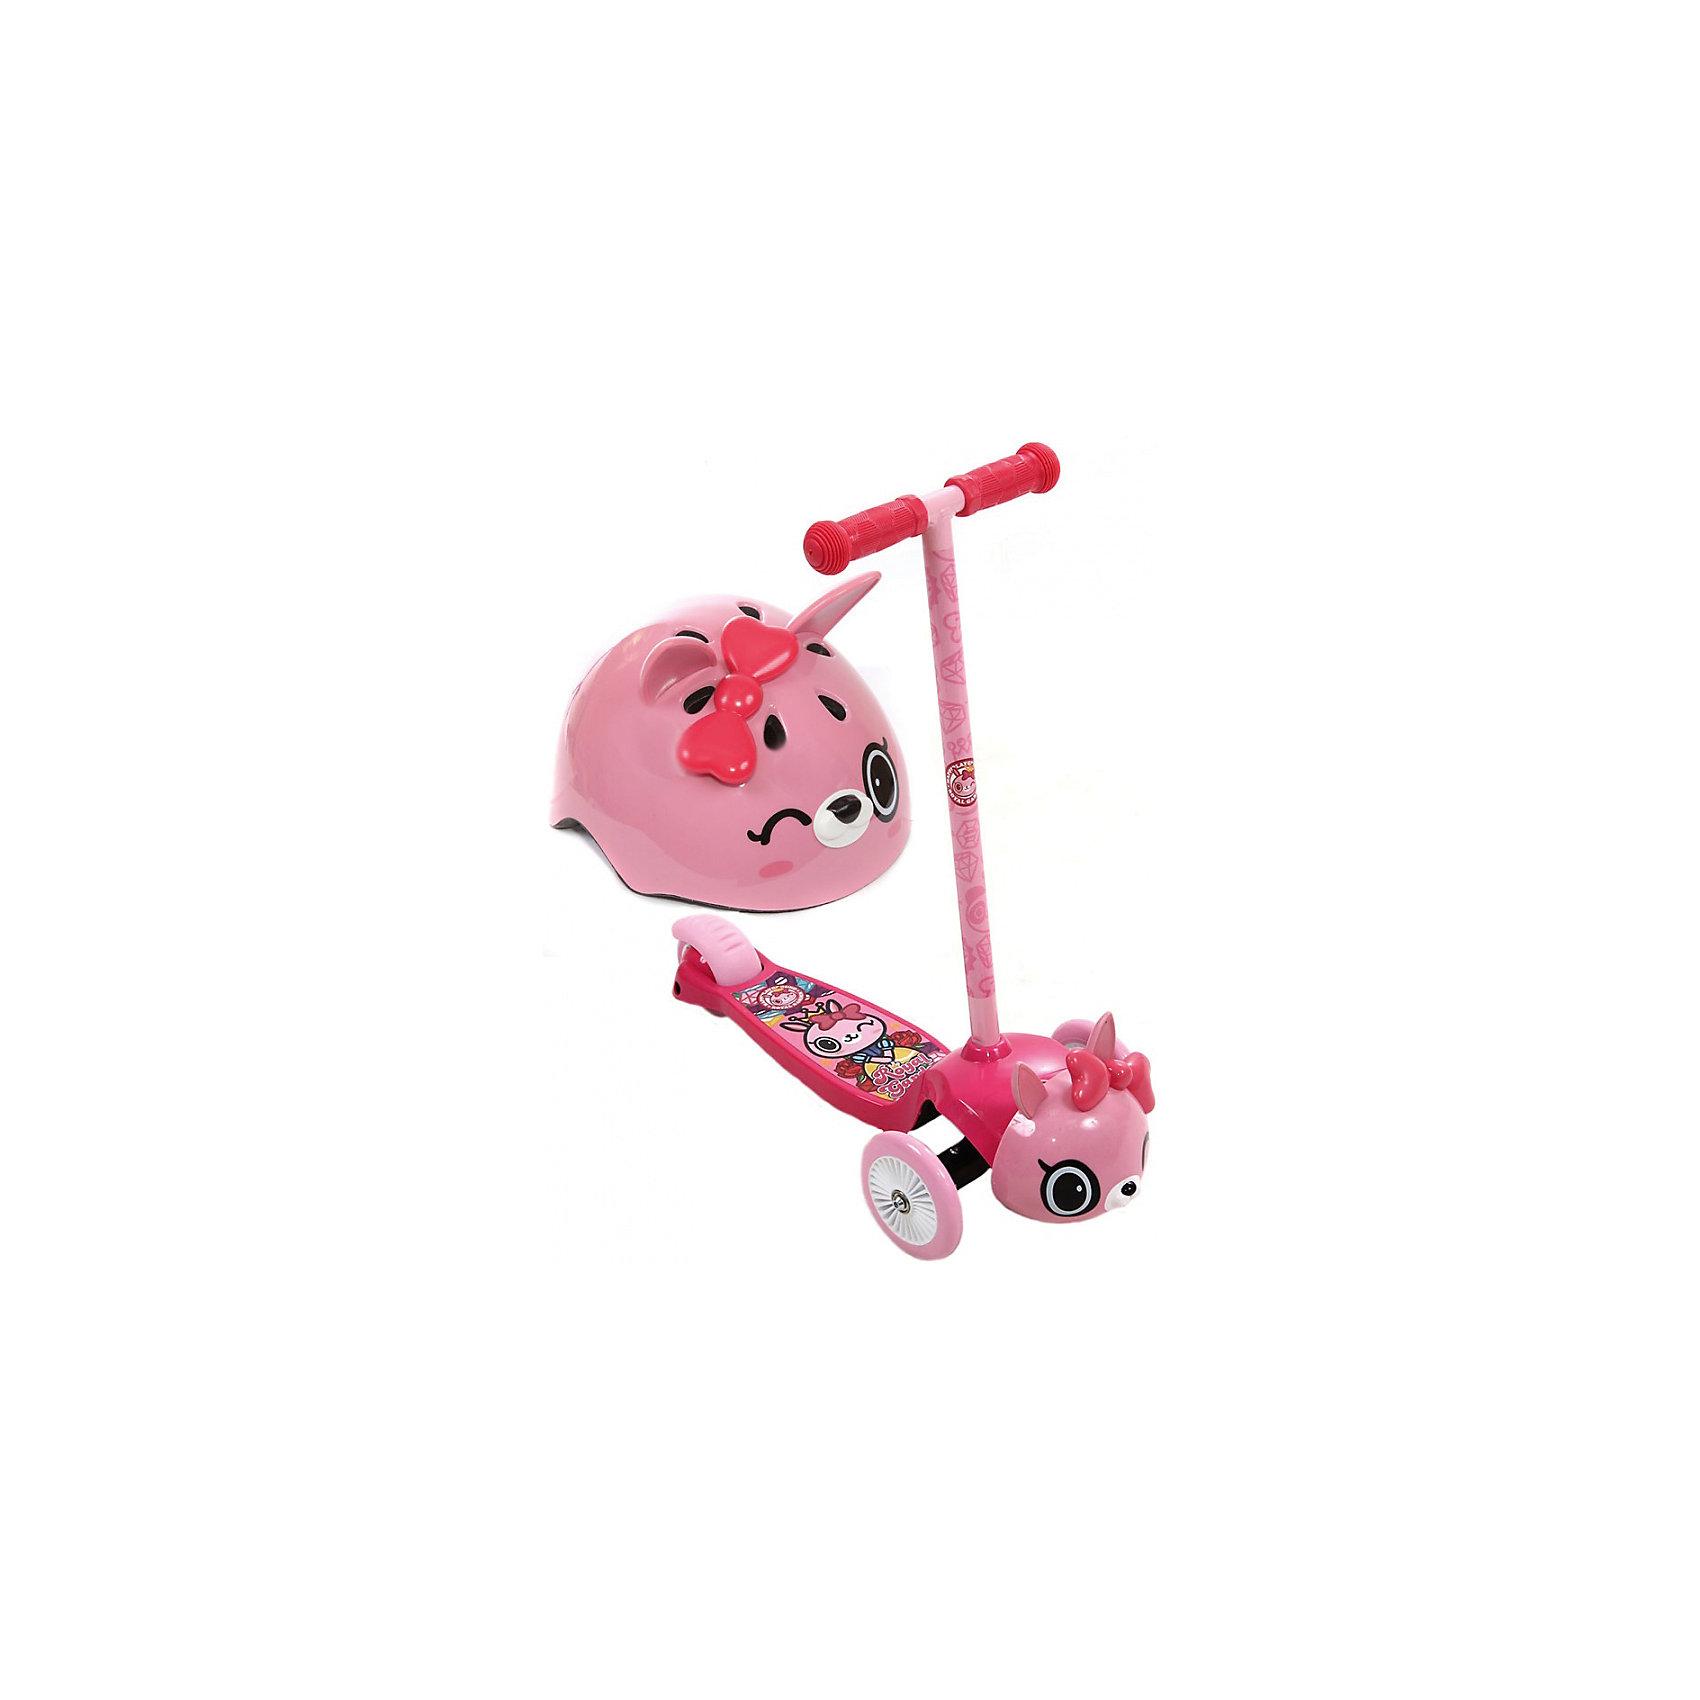 Самокат трехколесный Кошечка Пиччи, розовый, REXCO